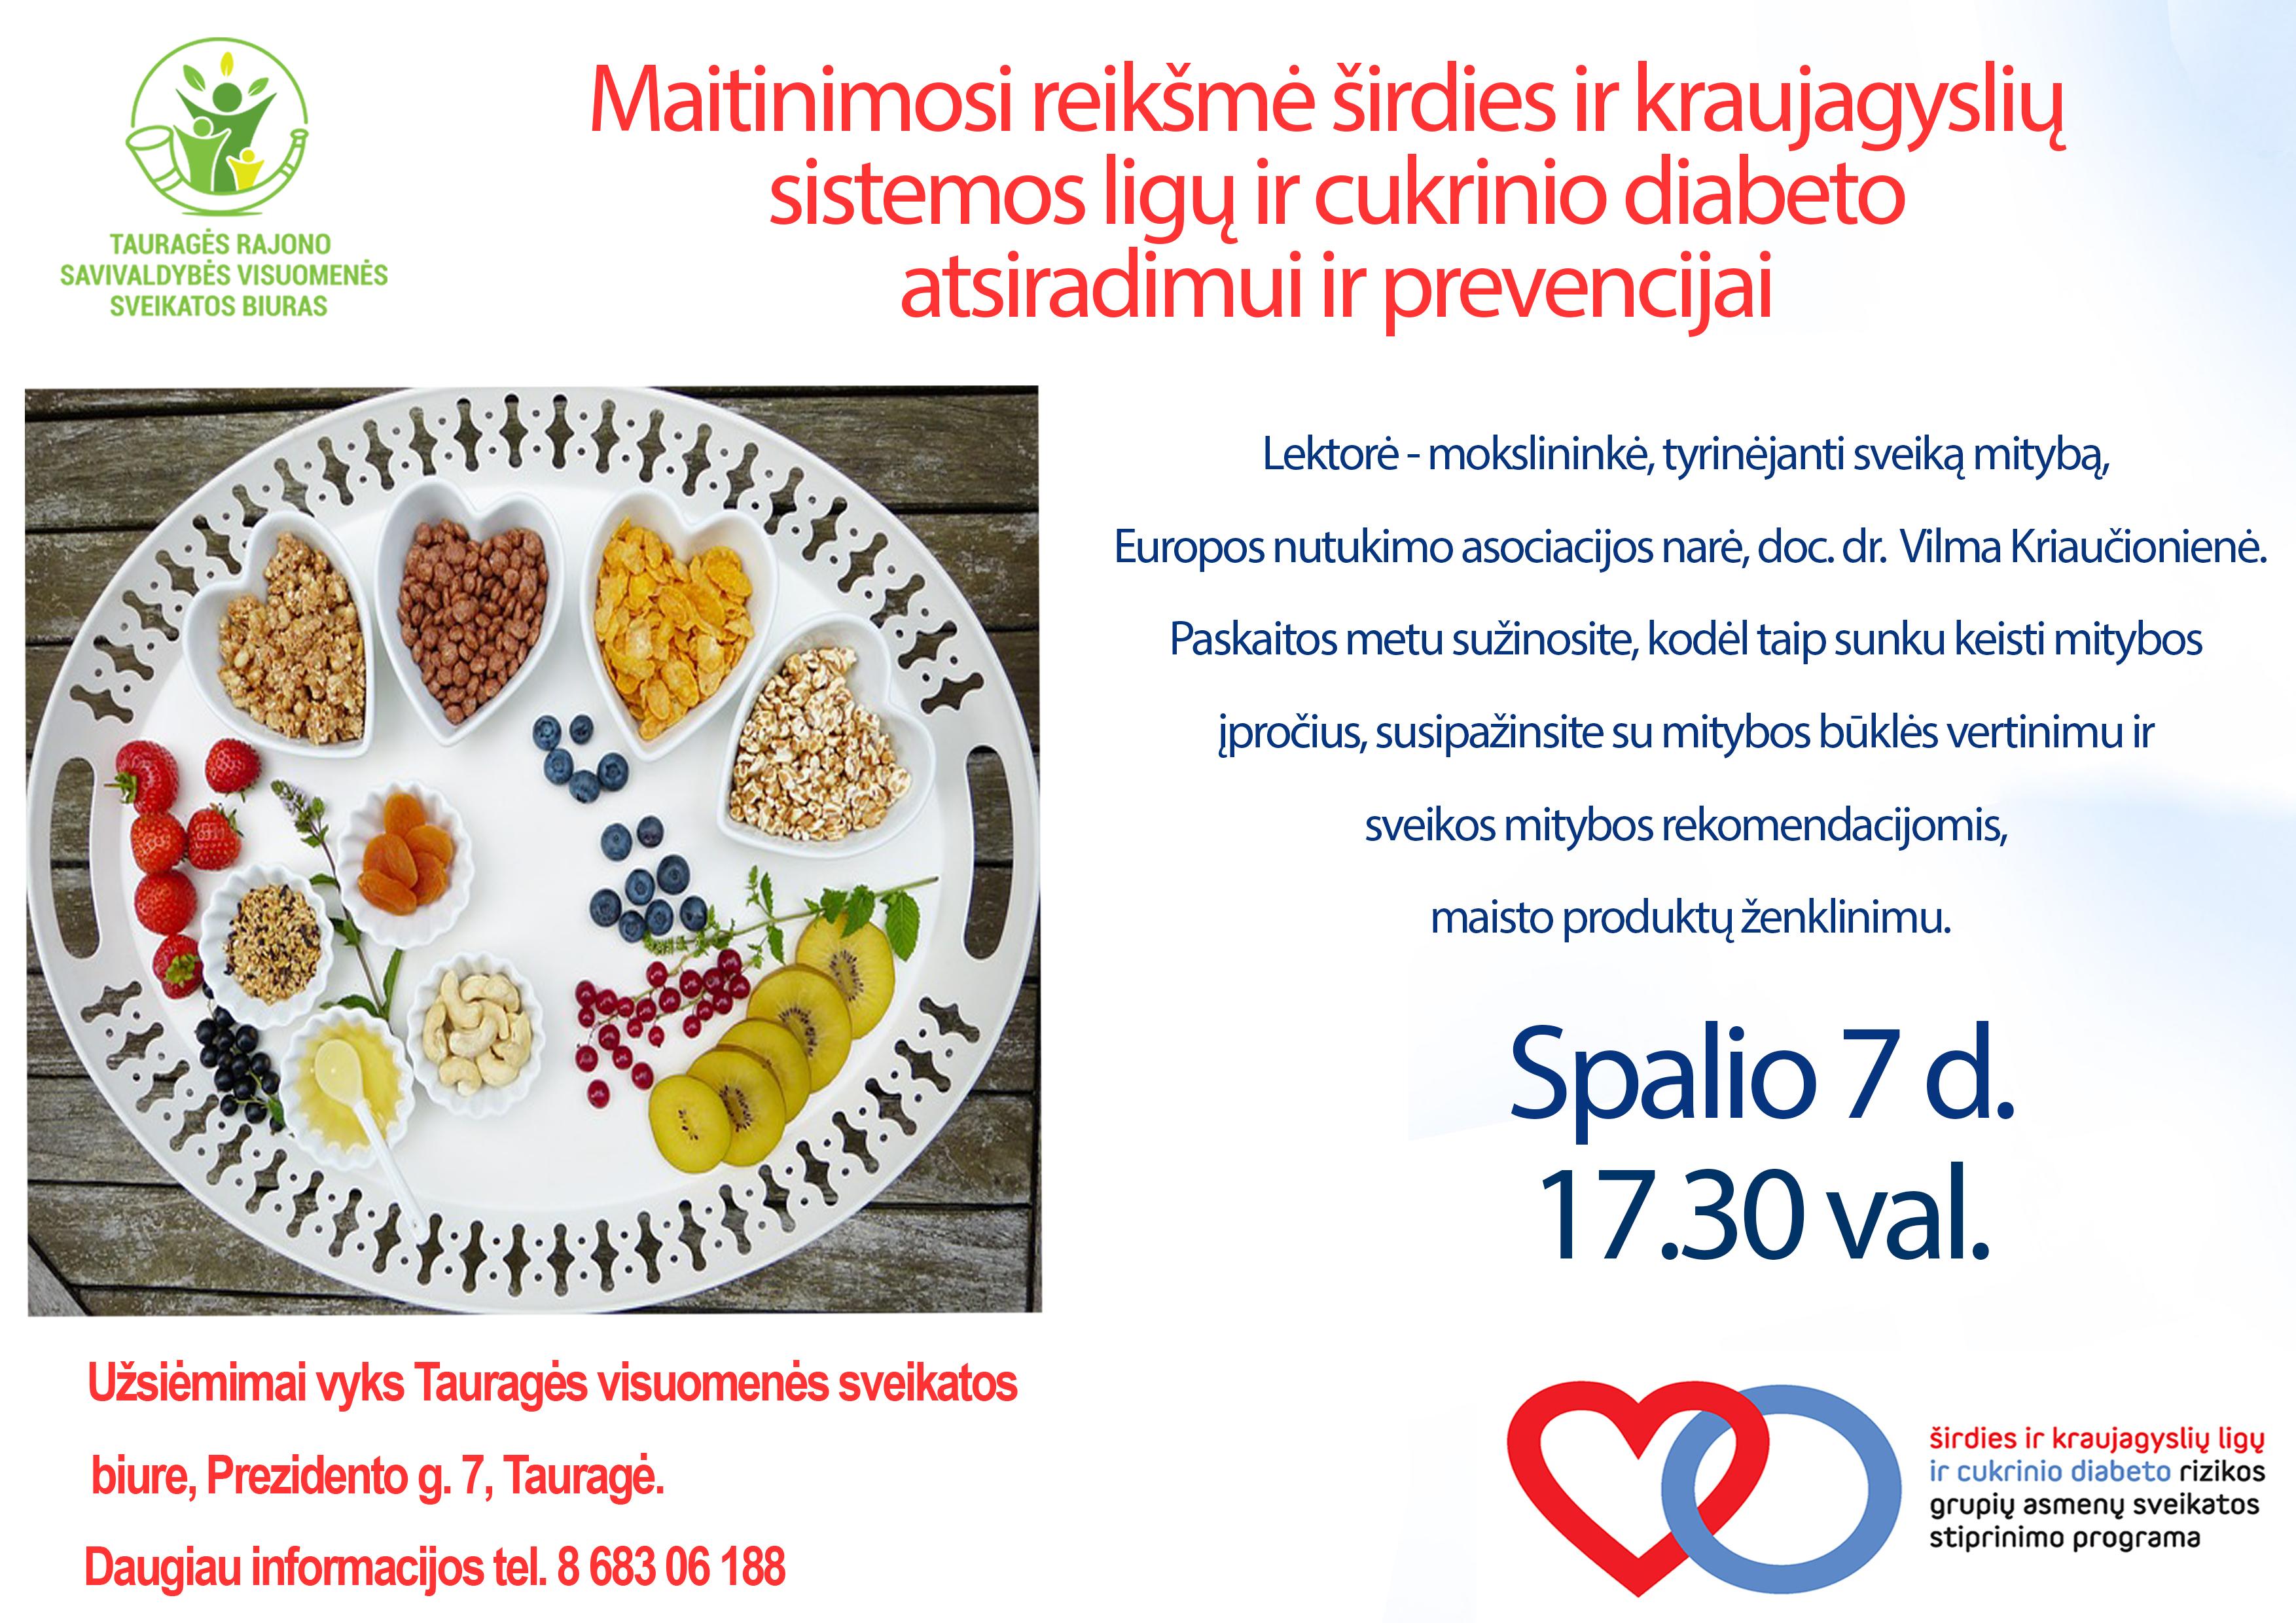 mitybos rekomendacijos širdies sveikatai